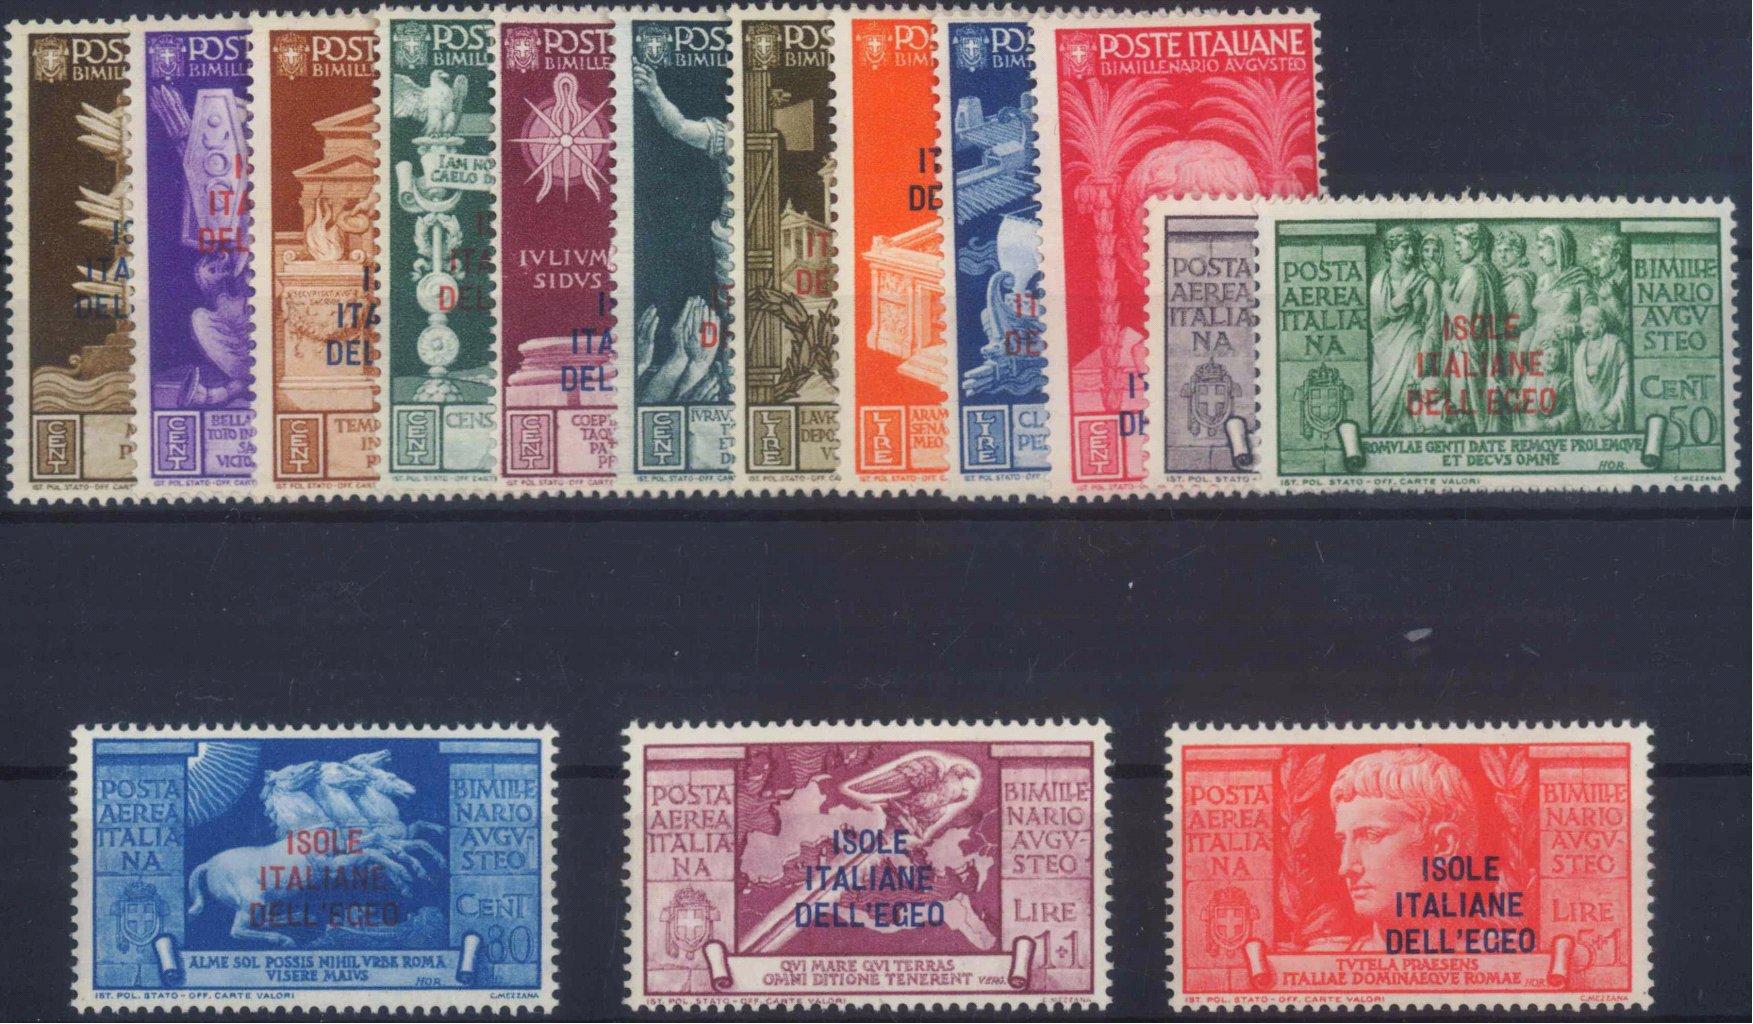 ÄGÄISCHE INSELN 1938 ISOLE / ITALIANE / DELLEGEO